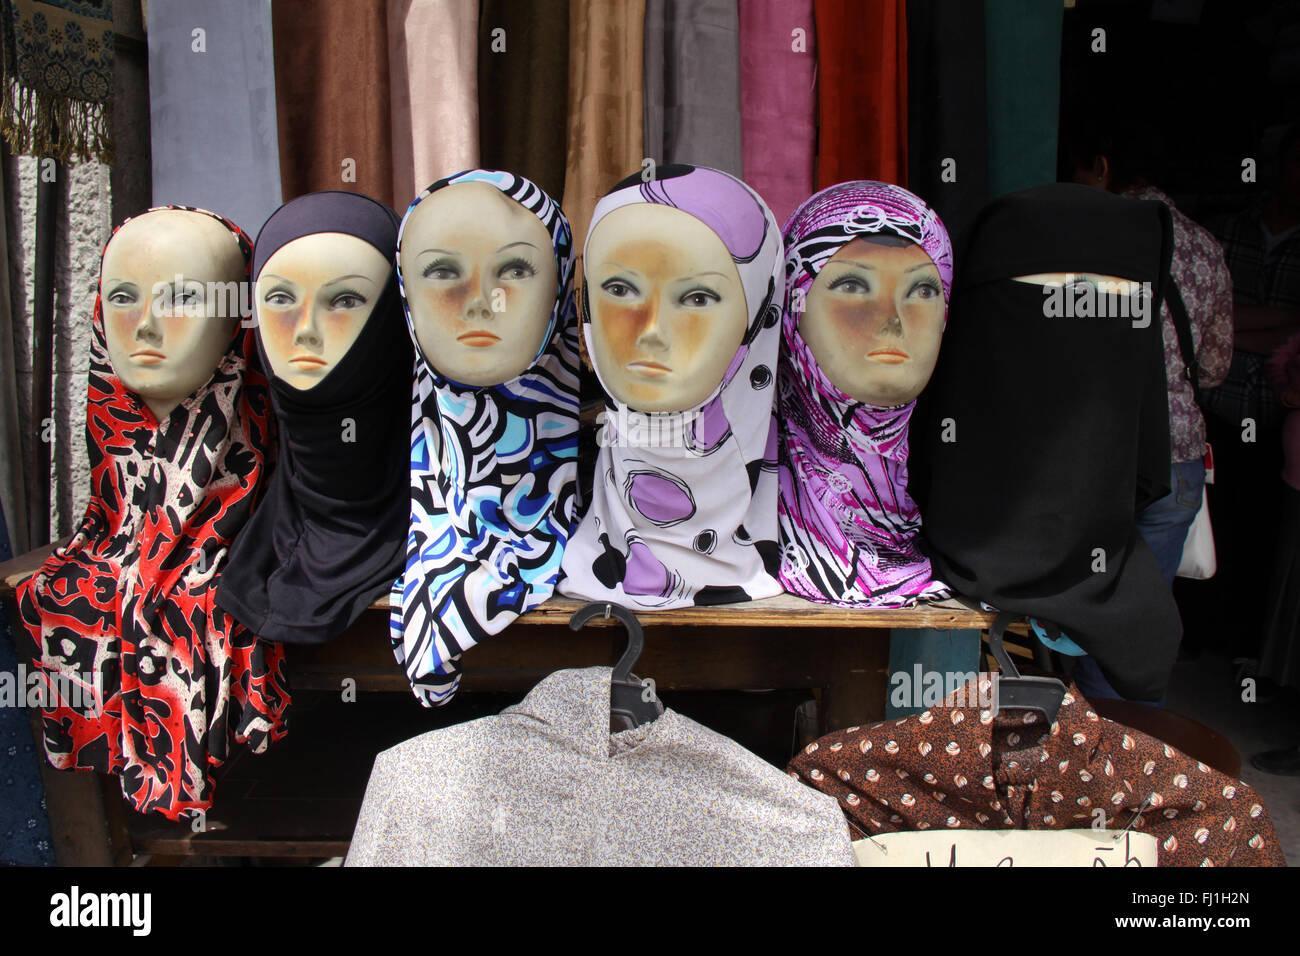 Le voile islamique le vendeur dans les rues d'Amman, Jordanie Banque D'Images